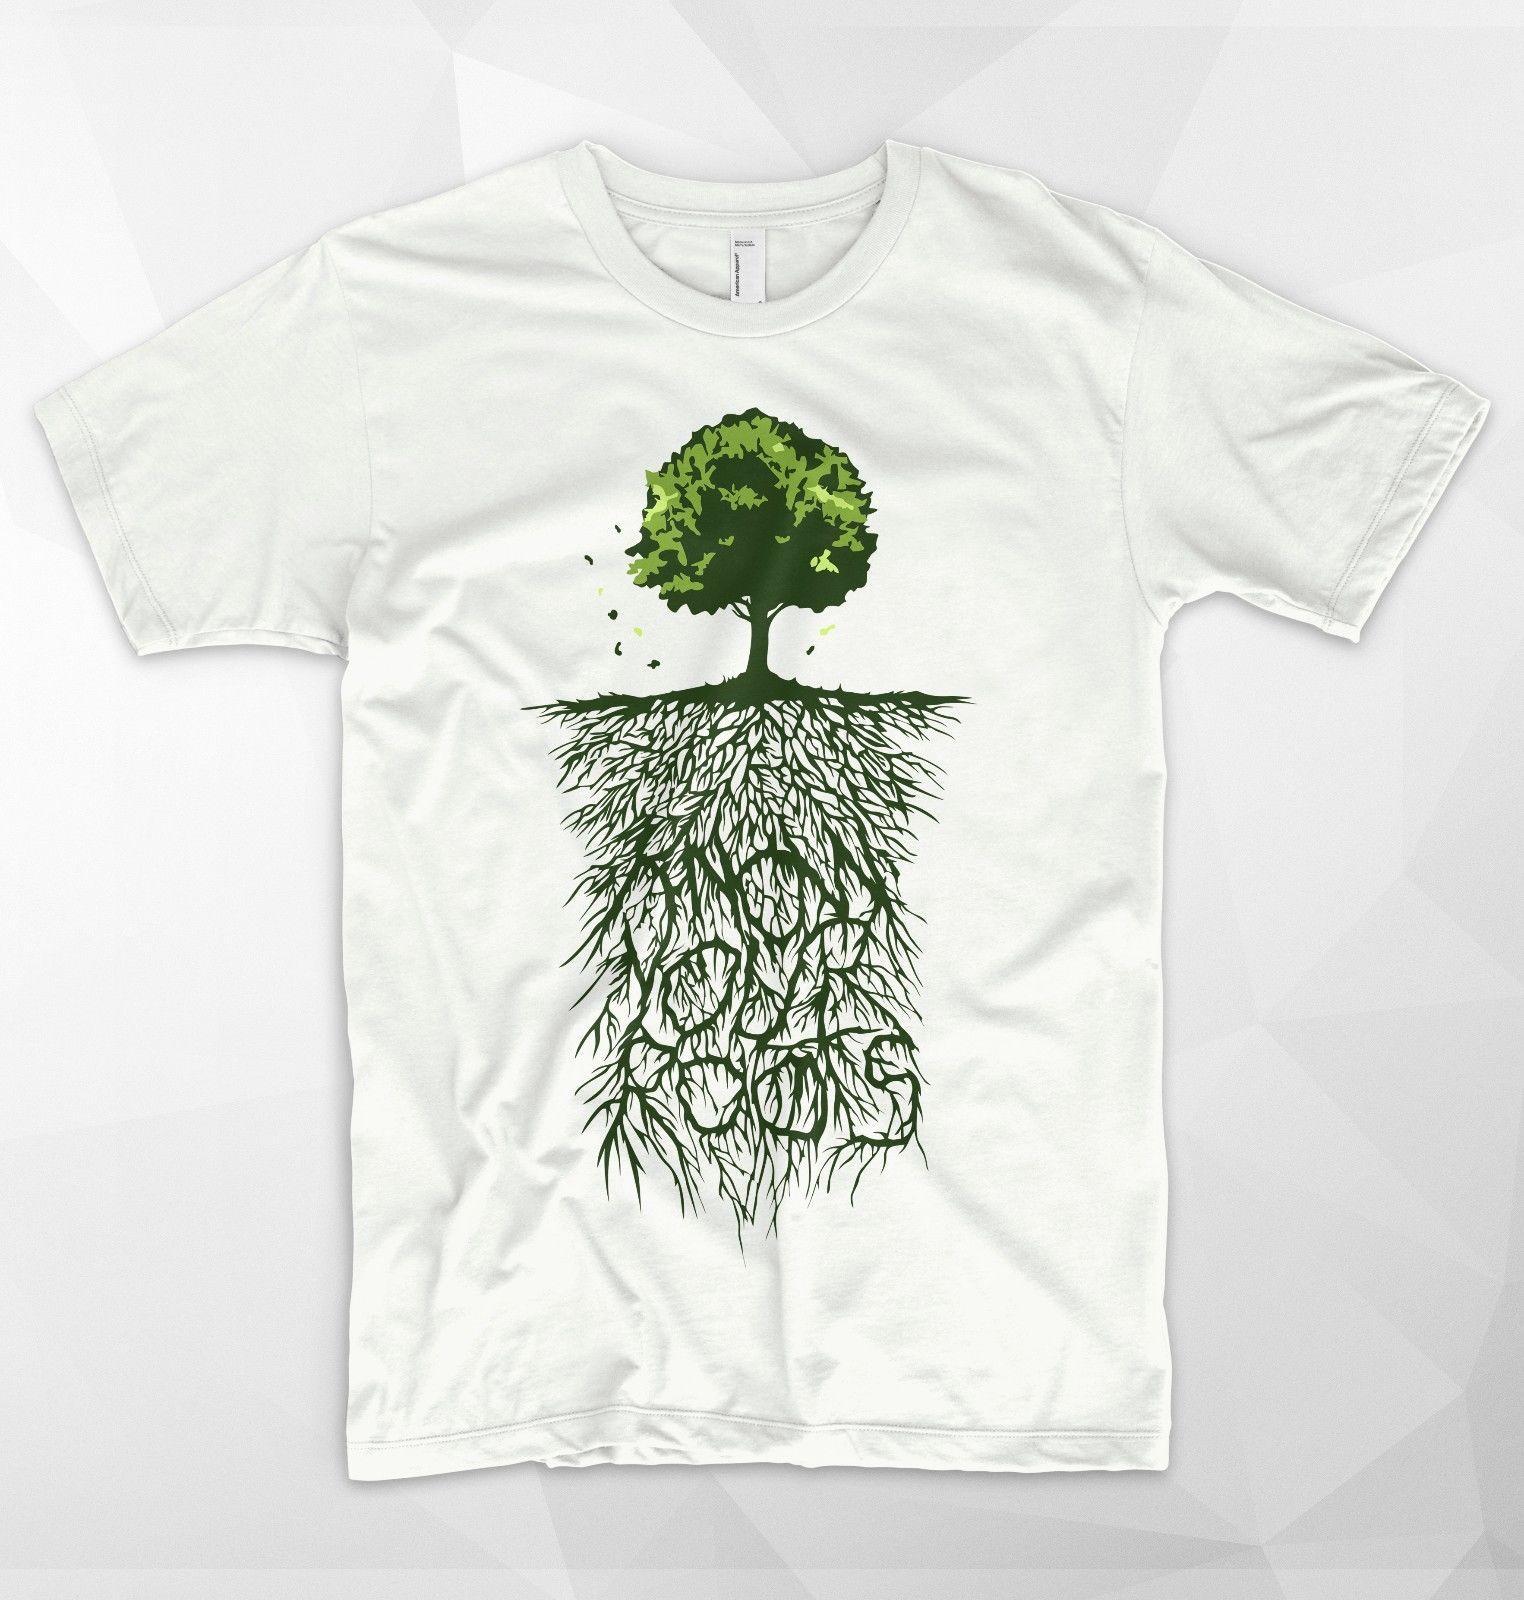 Compre Conheça Suas Raizes Camiseta Top História Da Família Árvore  Genealógica Presente Da Casa Novidade De Beidhgate09 23e3f4a68bd95